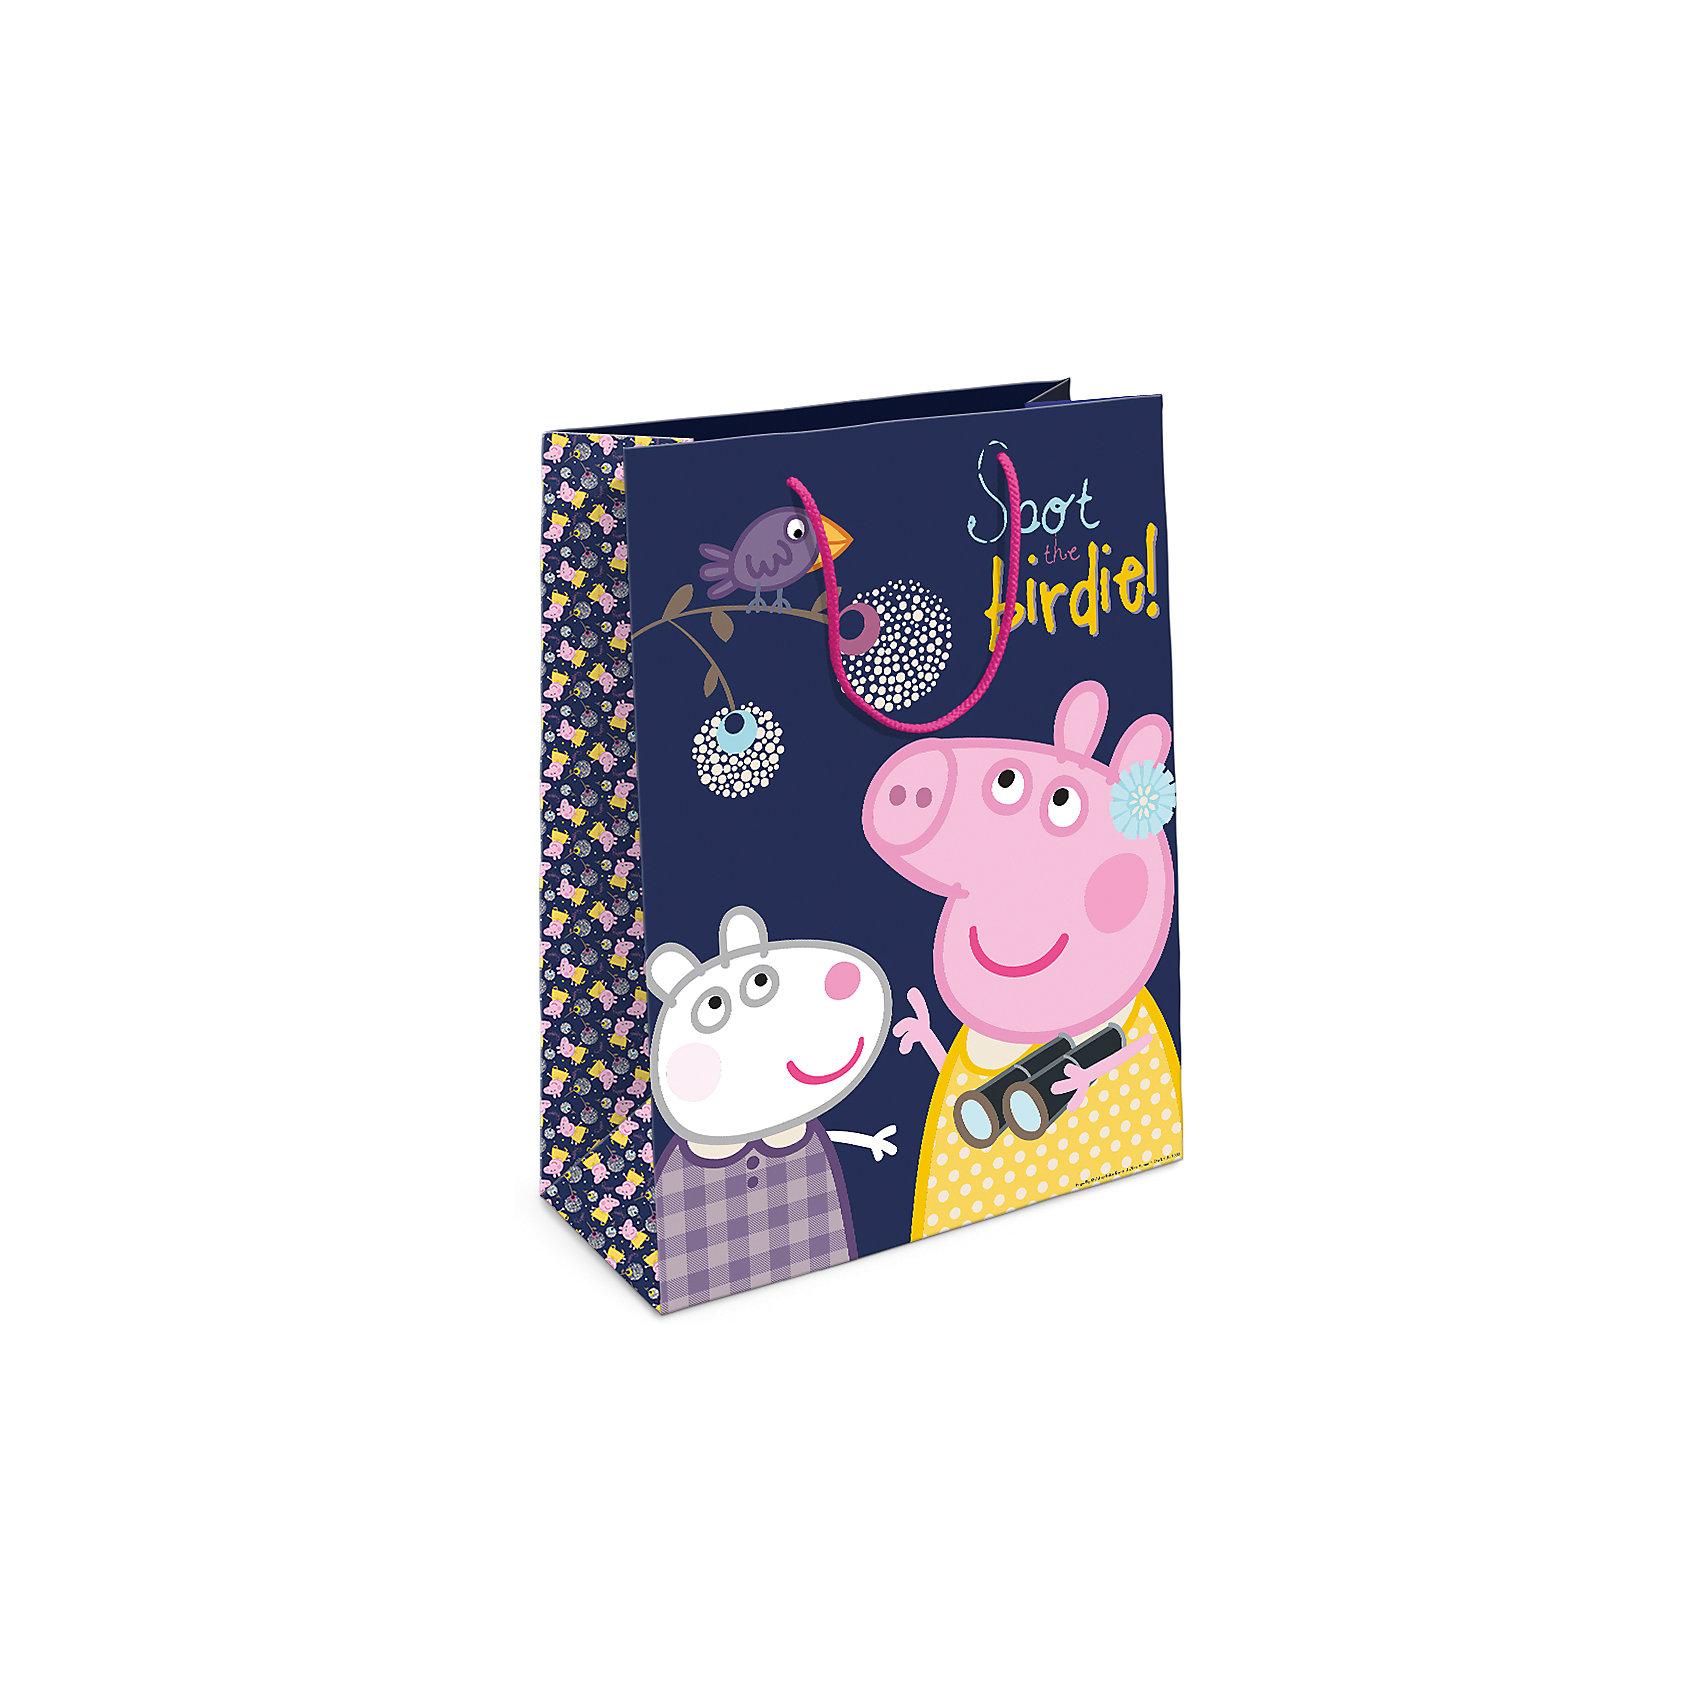 Росмэн Пакет подарочный Пеппа и птица 350*250*90 товары для праздника olala пакет подарочный миньон король 350 х 250 х 90 см